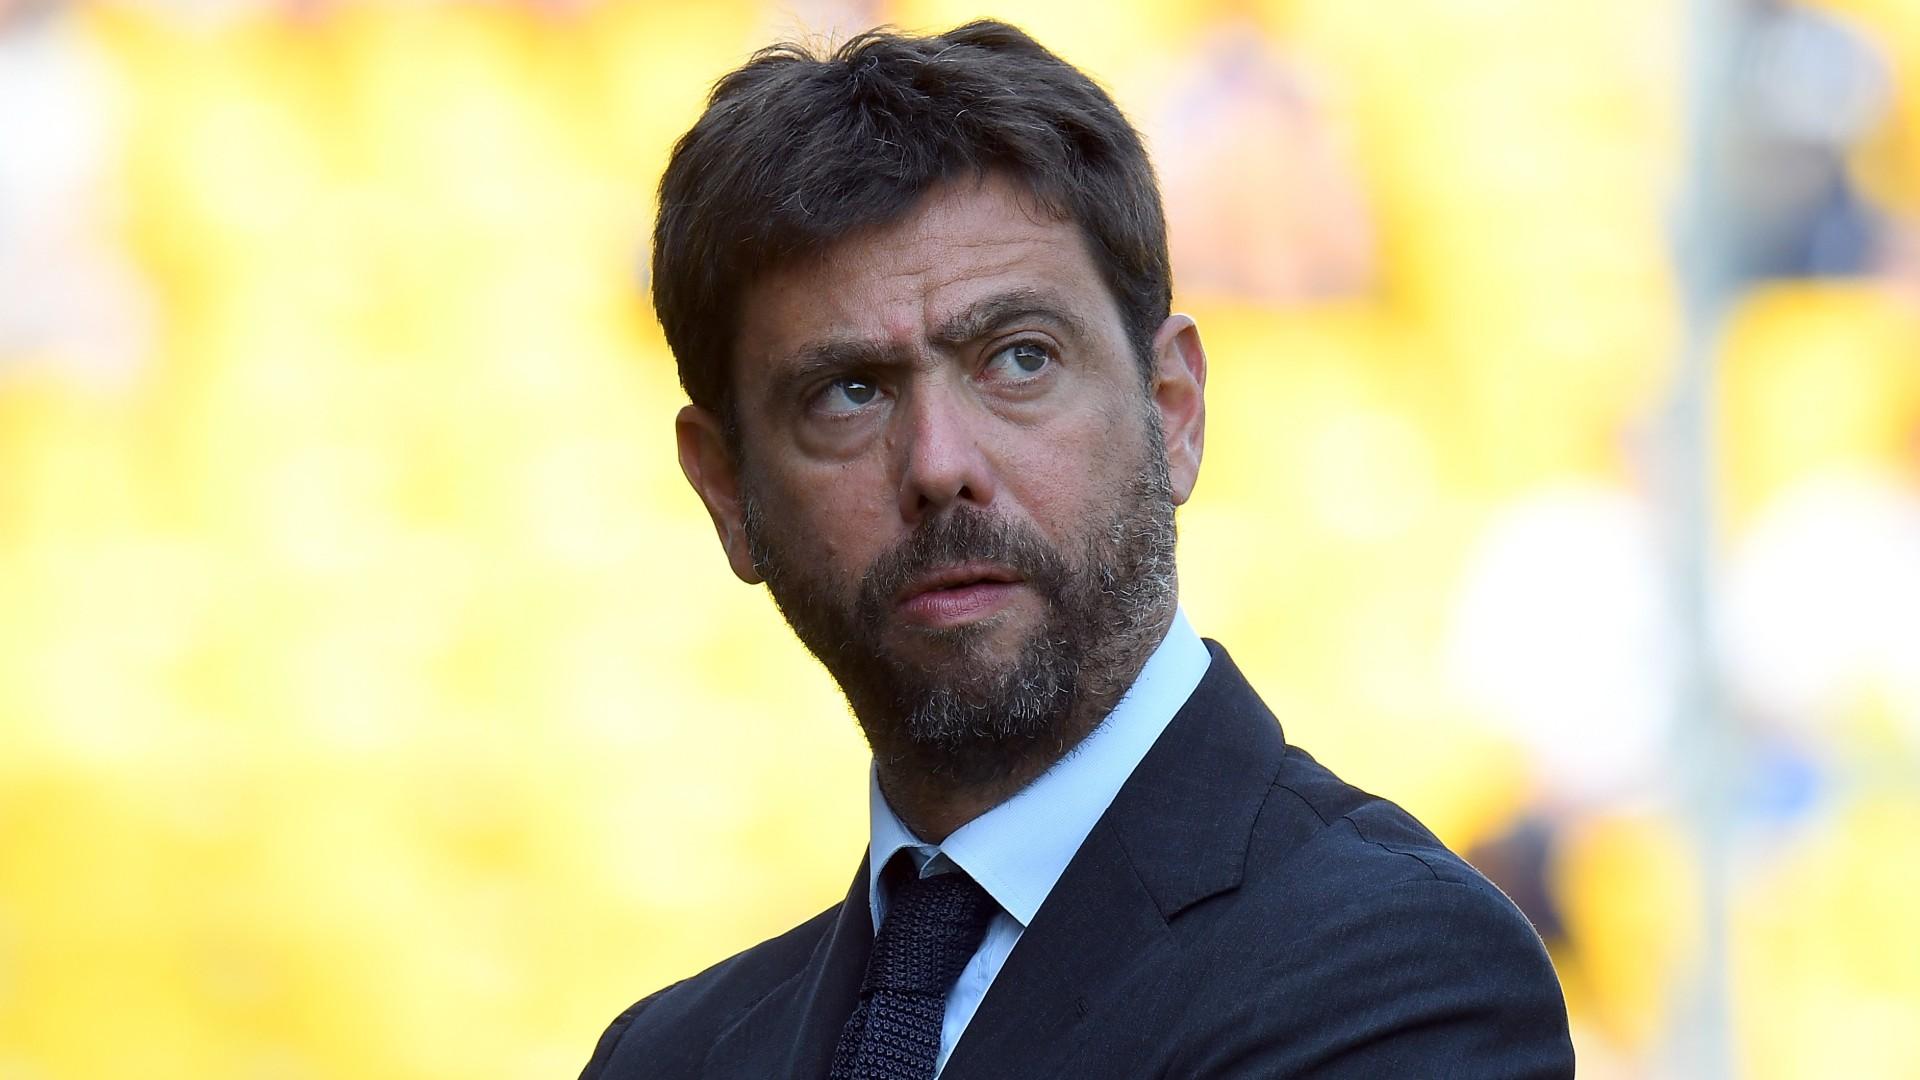 阿涅利:欧冠改制2024年后再说,要保证中小球队的发展